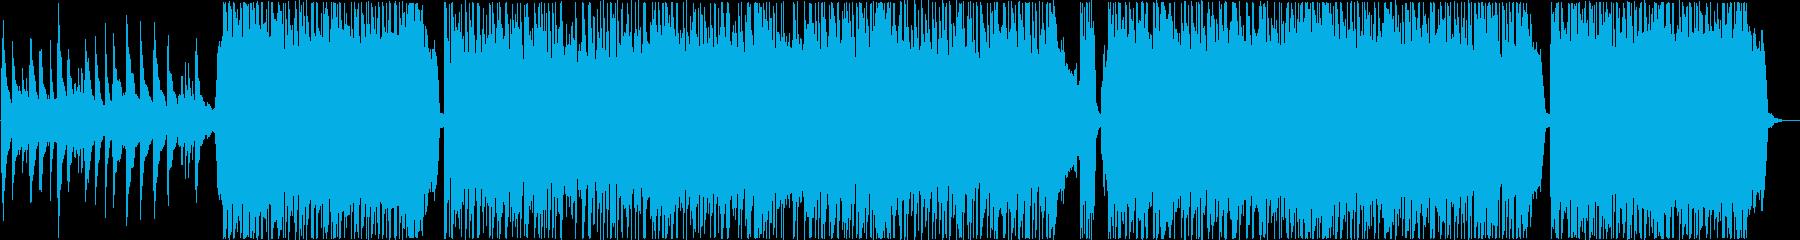 軽快な切ない青春感じるポップス風BGMの再生済みの波形